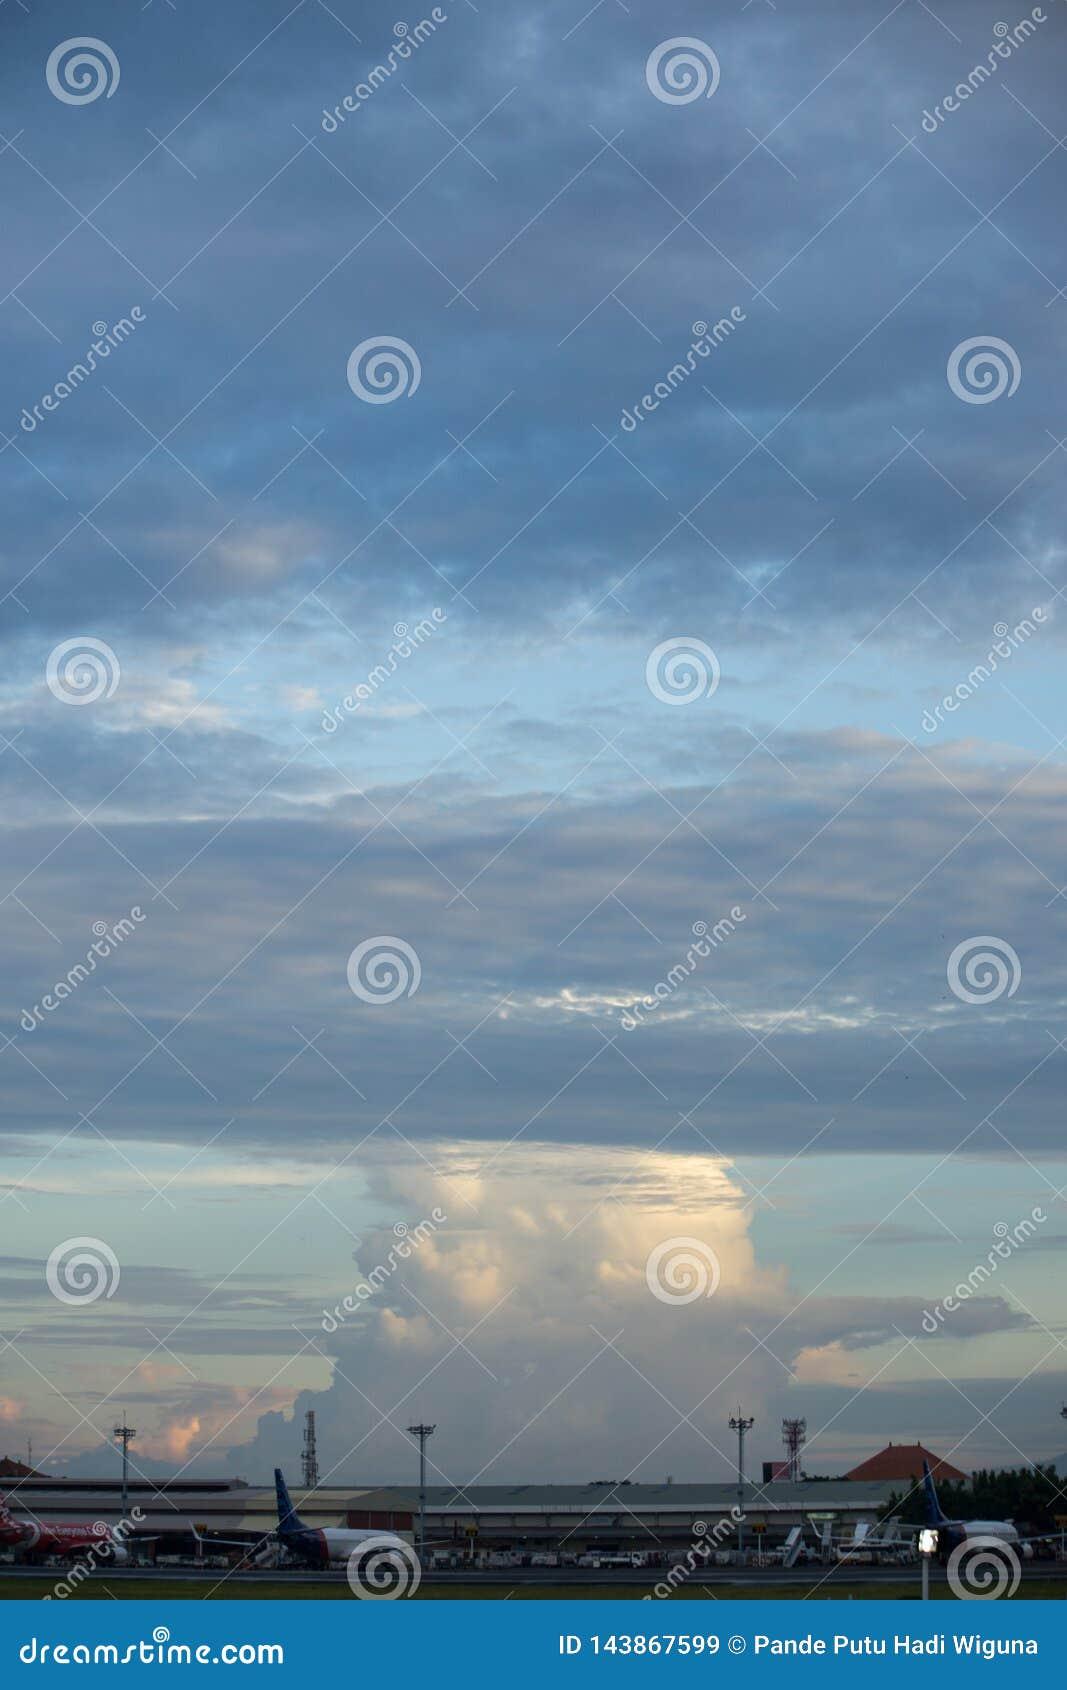 BADUNG, BALI/INDONESIA-MARCH 16 2017: Rozmaitości chmura w niebie